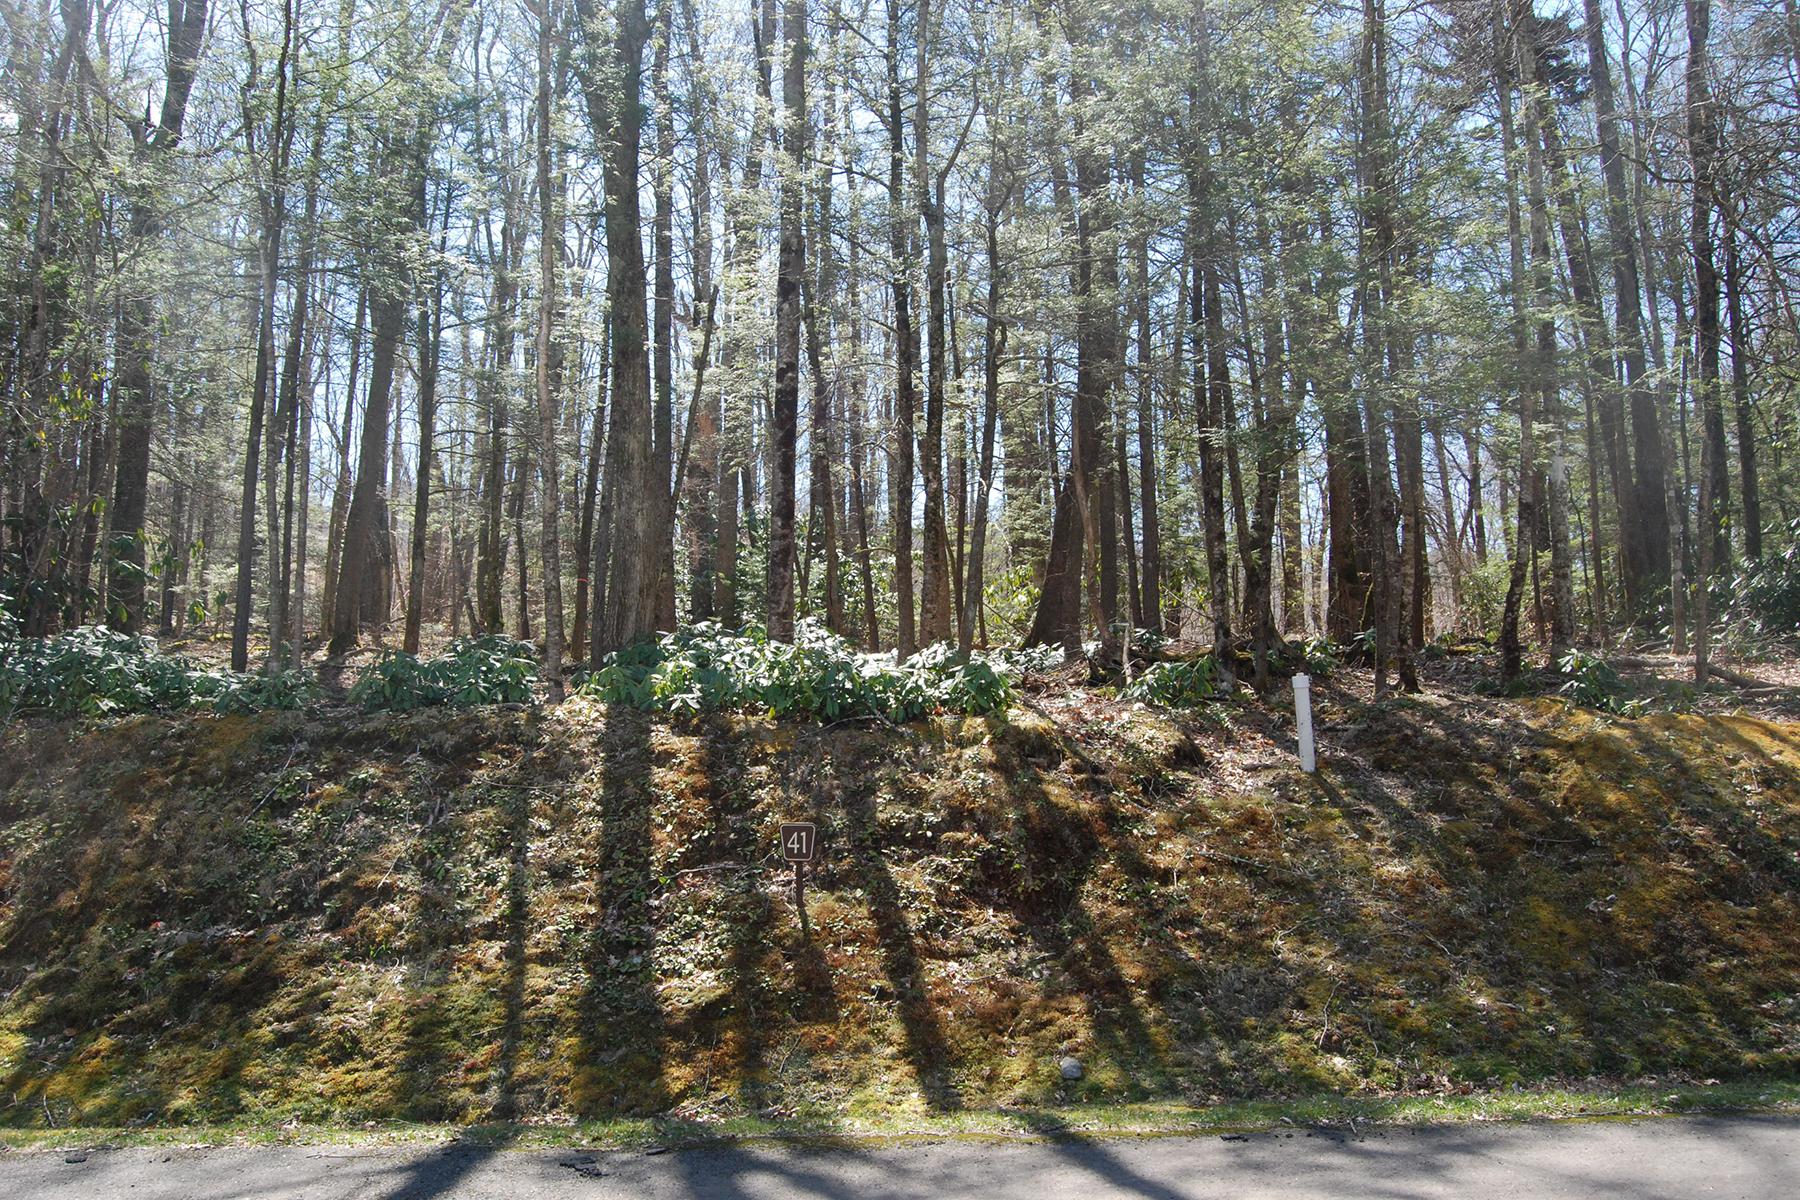 Terreno por un Venta en LINVILLE - THE VILLAGE AT GRANDFATHER Lot 41 Linville River Lane Linville, Carolina Del Norte, 28646 Estados Unidos